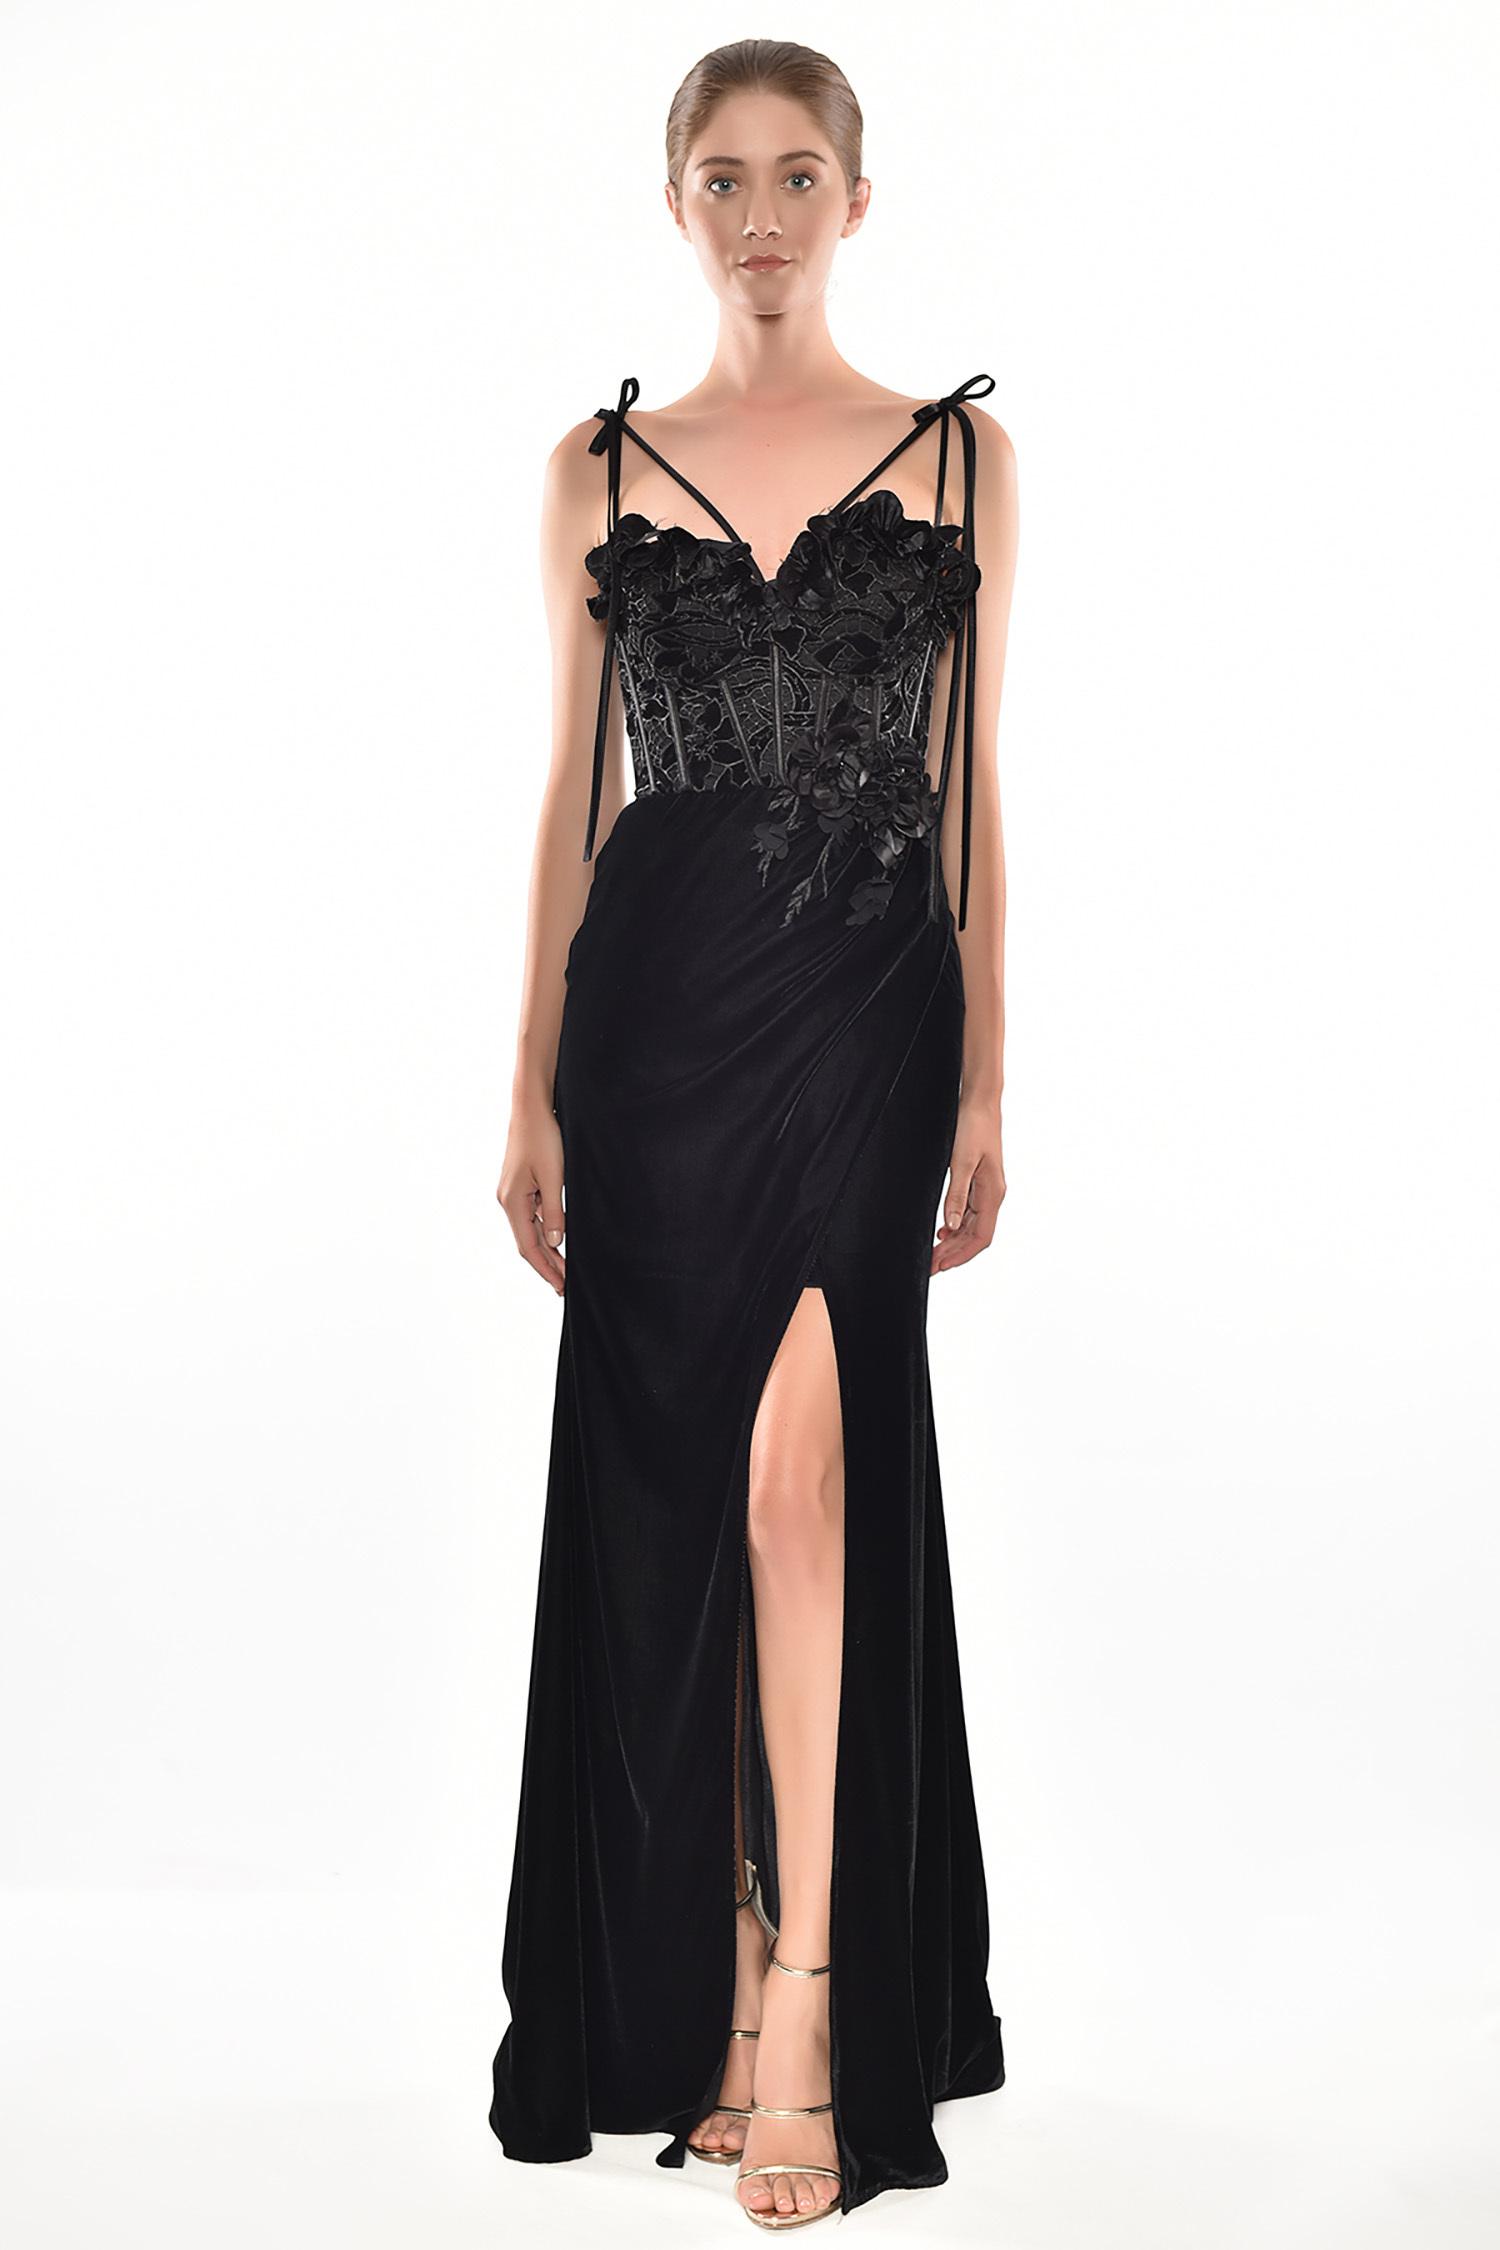 Alfa Beta - Siyah İnce Askılı Güpürlü Kadife Etekli Uzun Elbise